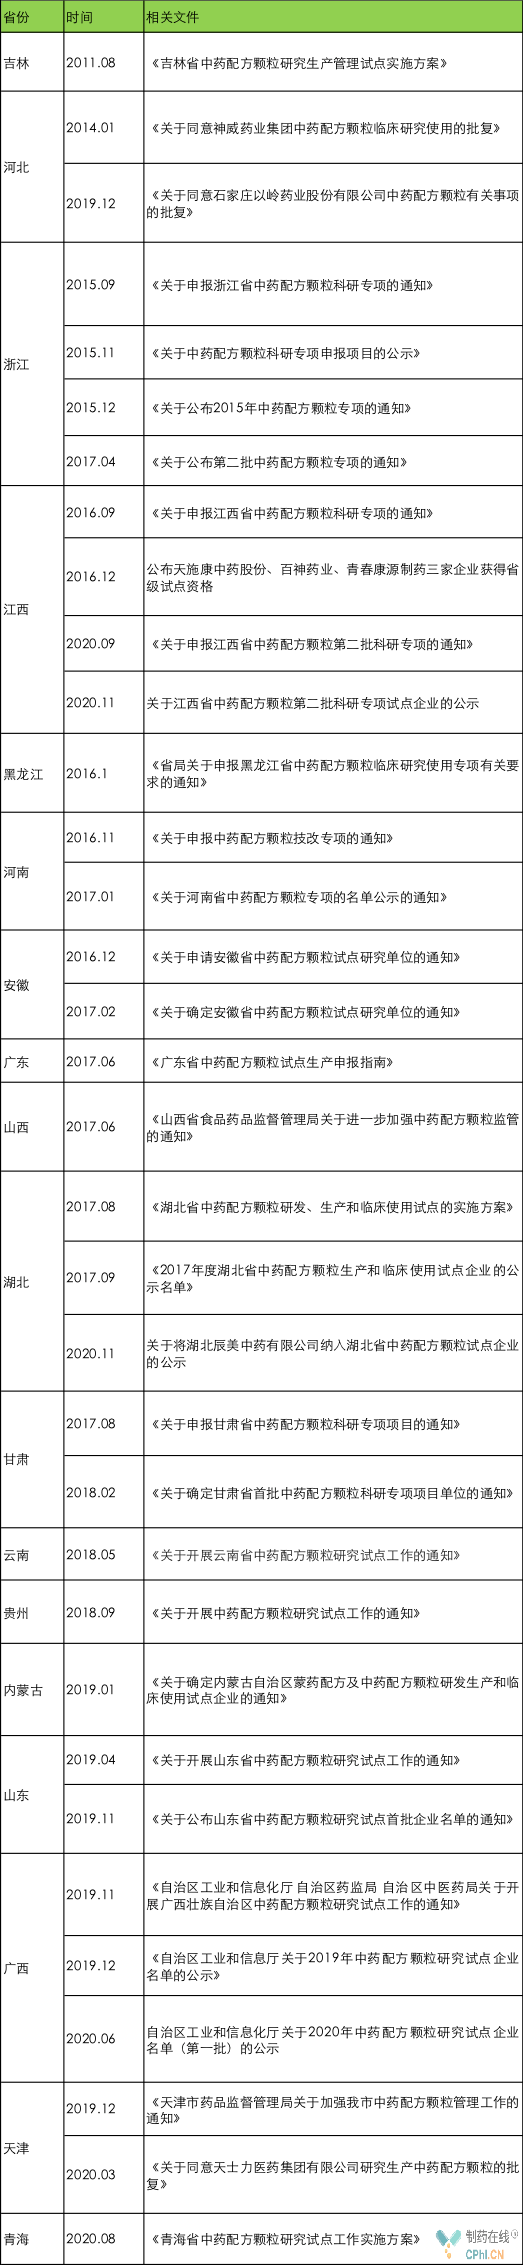 表2??各个省份发布的关于中药配方颗粒试点工作的相关文件